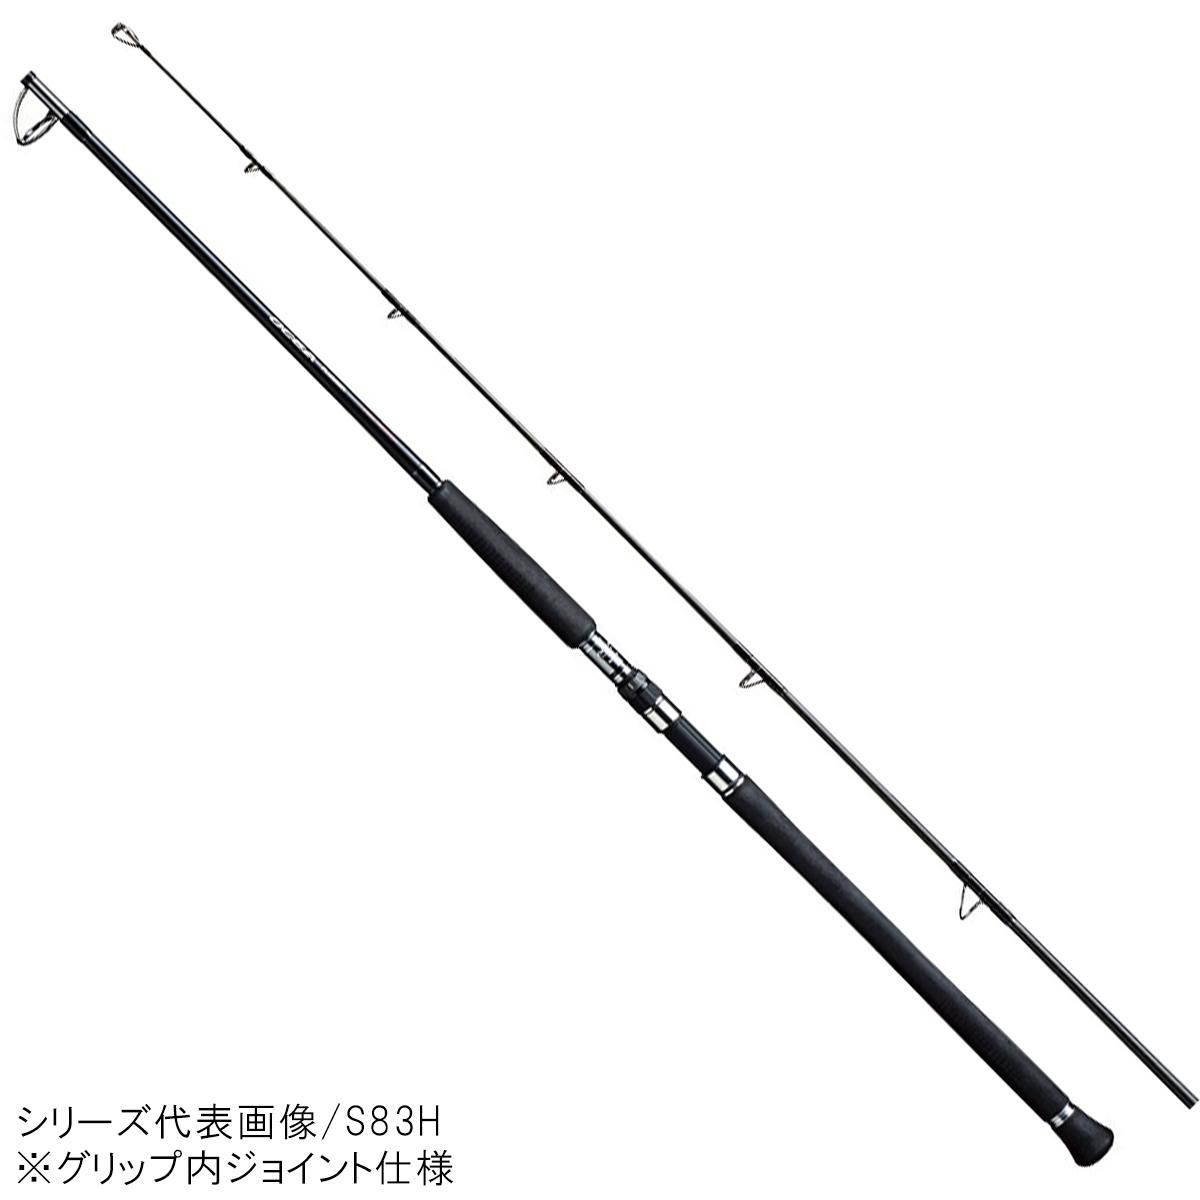 シマノ オシアプラッガー フルスロットル S74ML【大型商品】